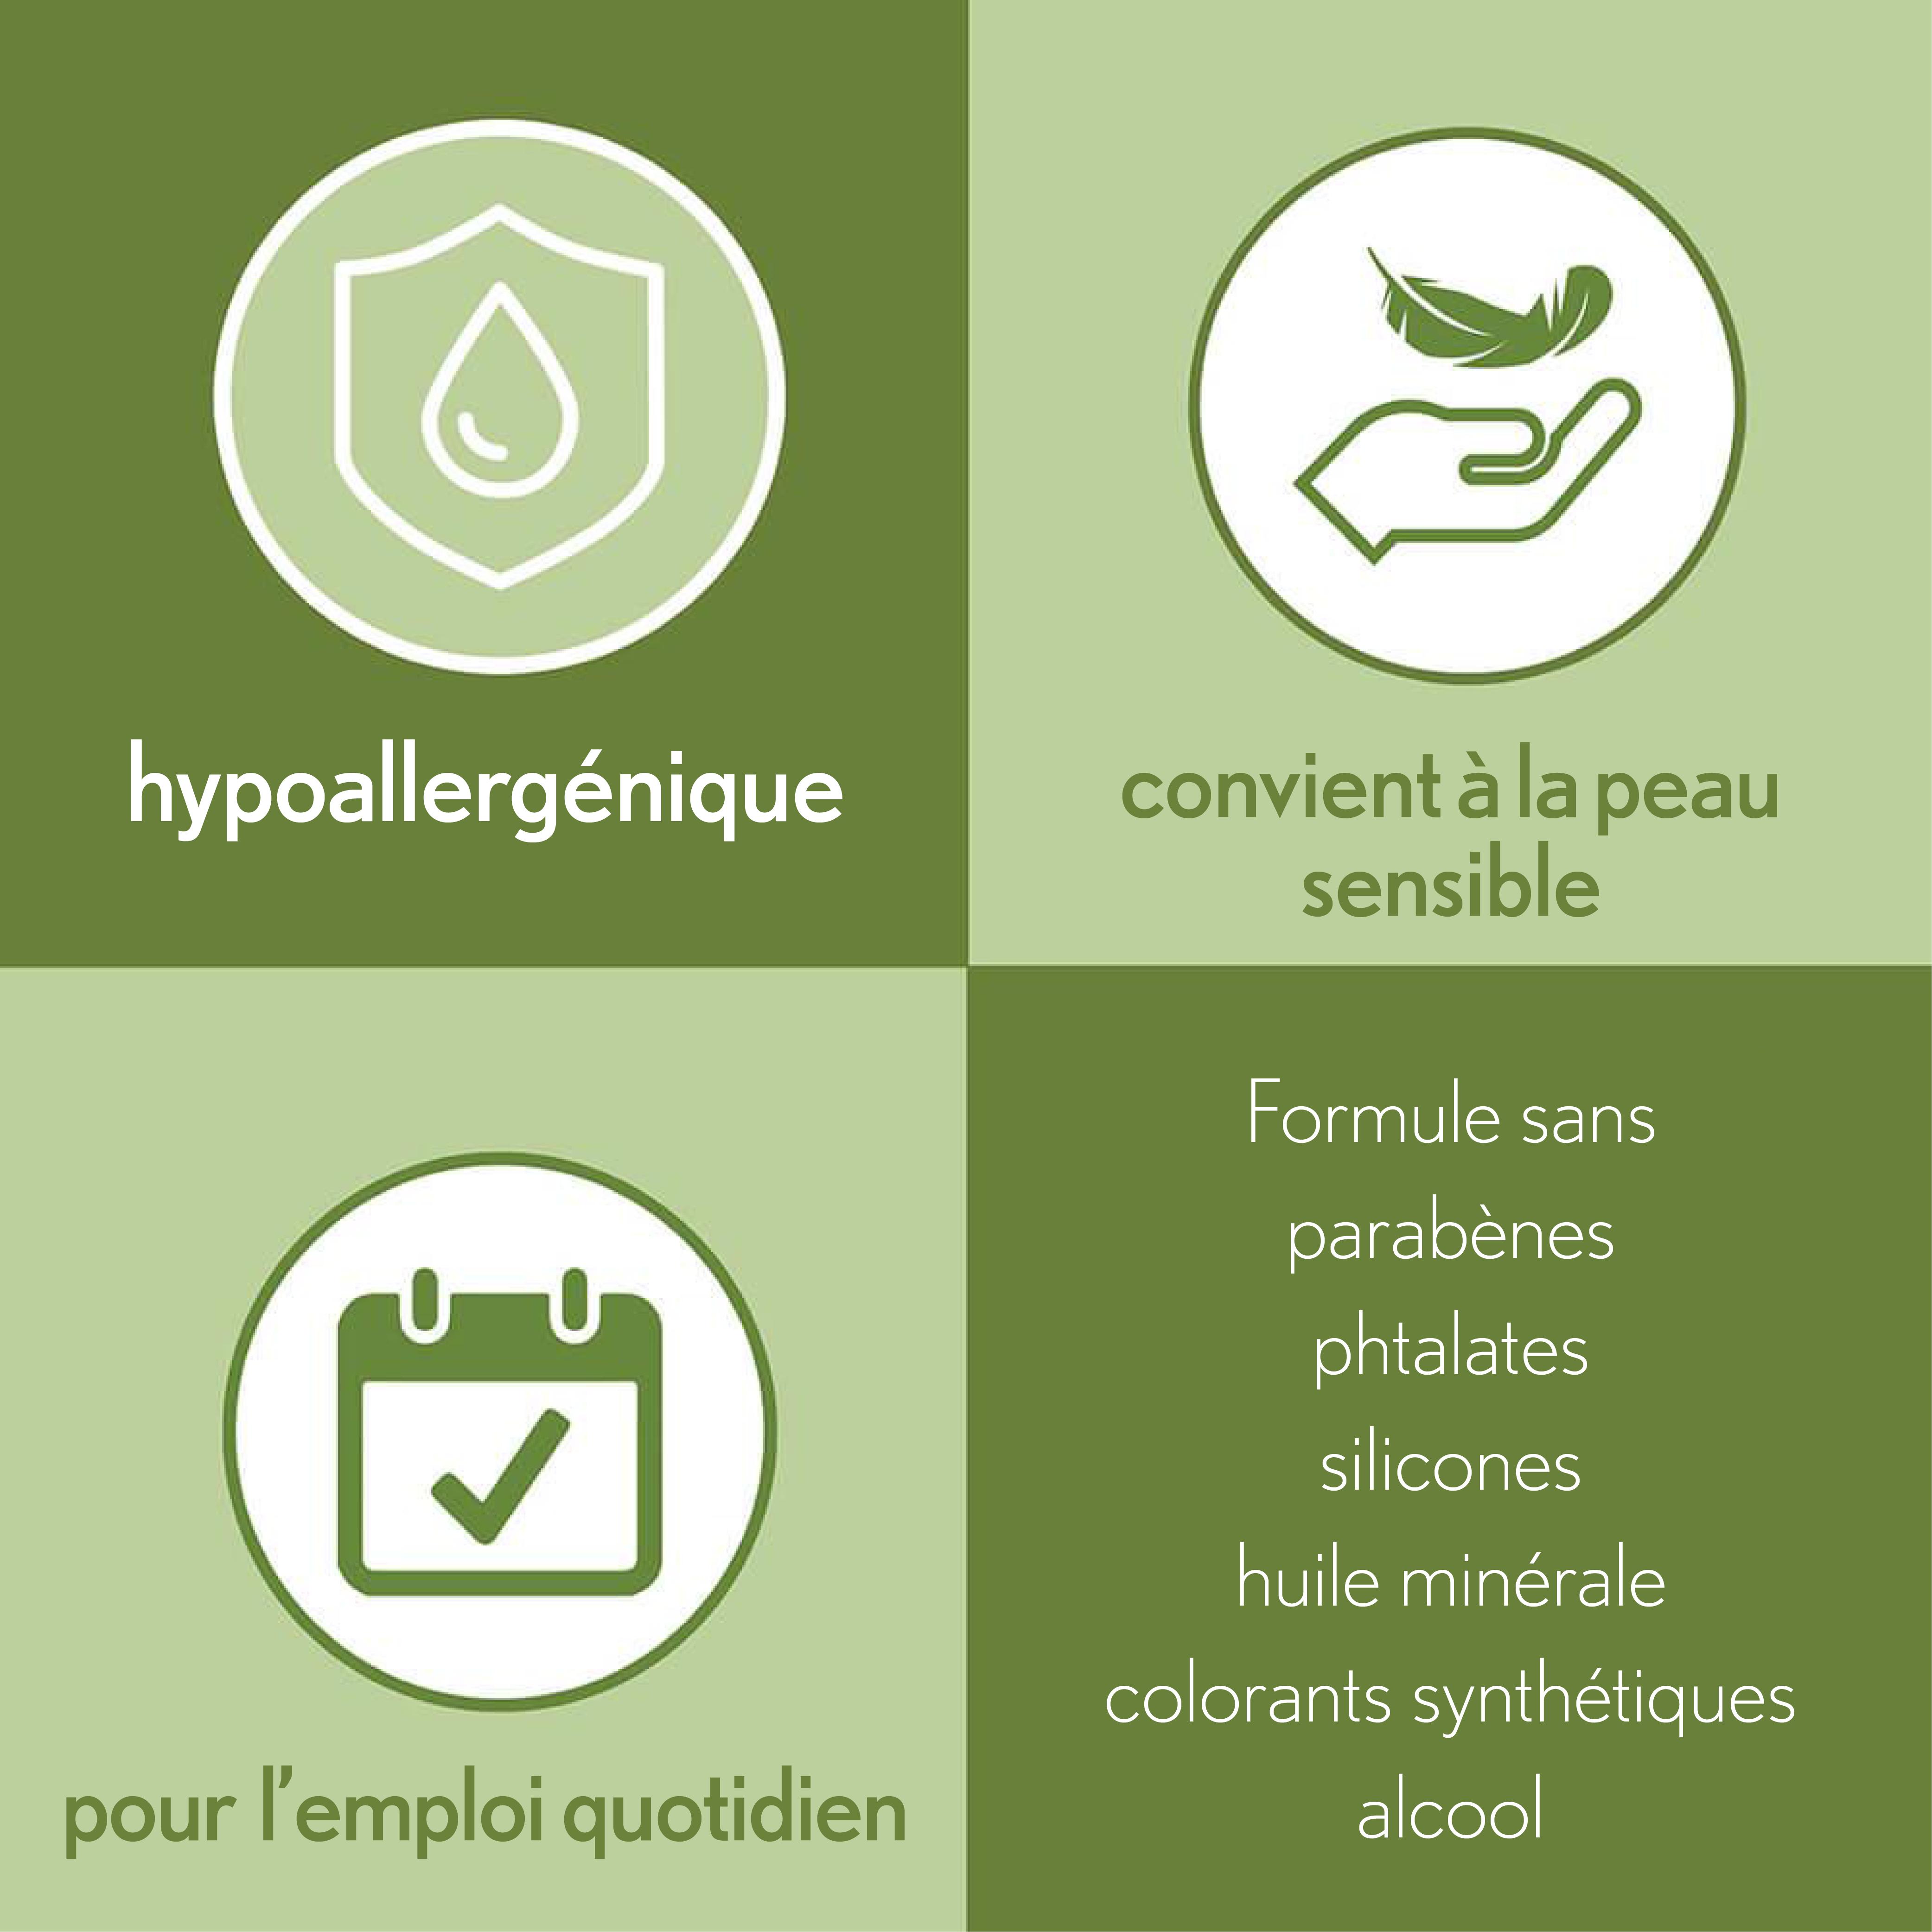 Infographie de 4 sections détaillant les bienfaits de la brume à base d'huile Aveeno Soin hydratant quotidien